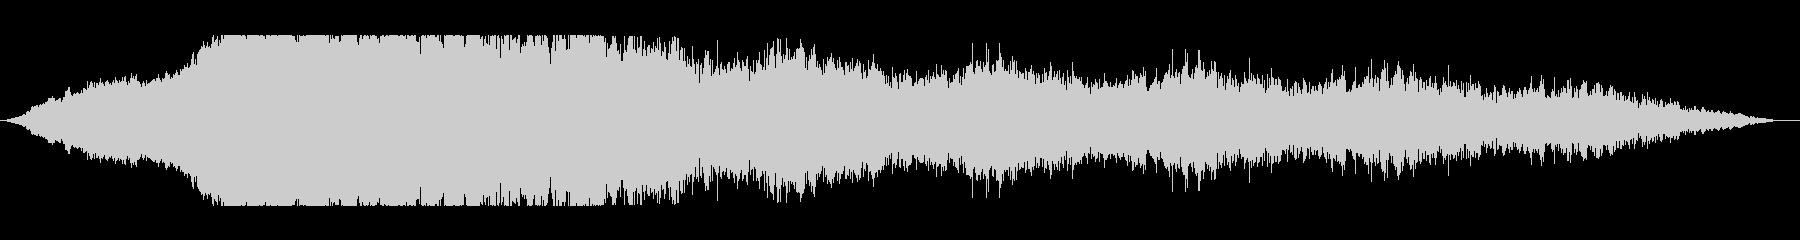 スプラッシュシンボル1ボウModの未再生の波形